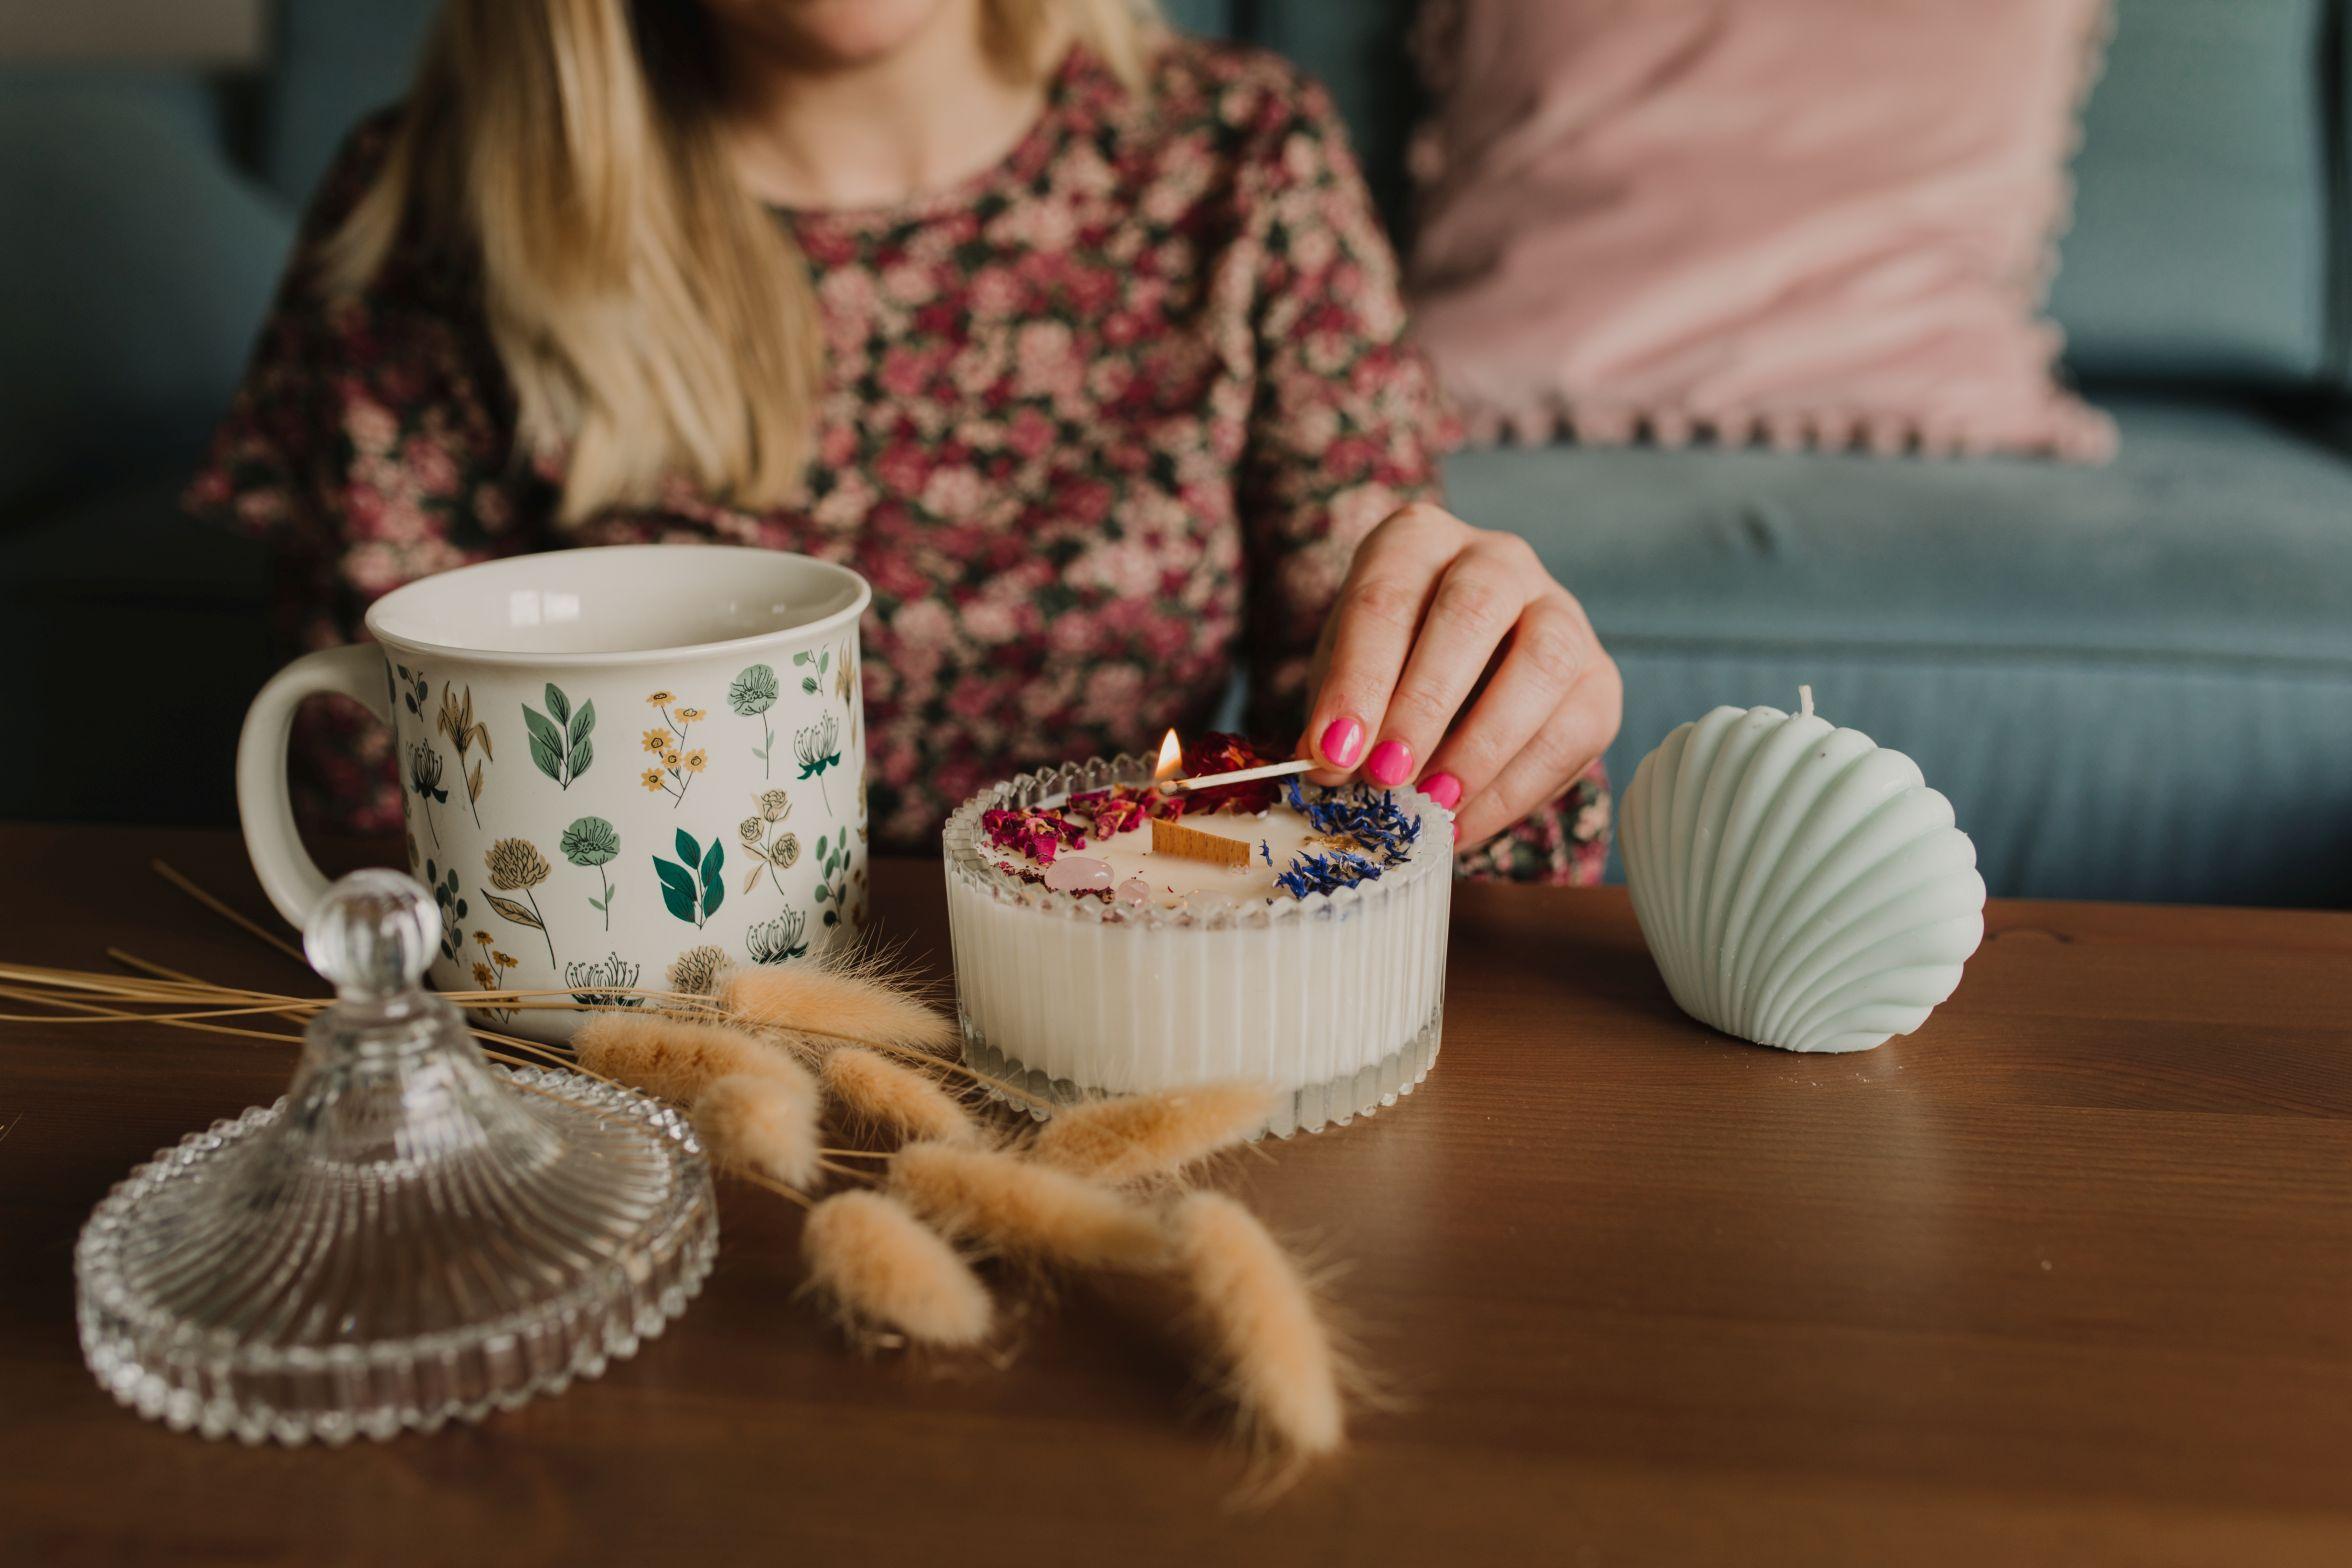 Kobi Candle